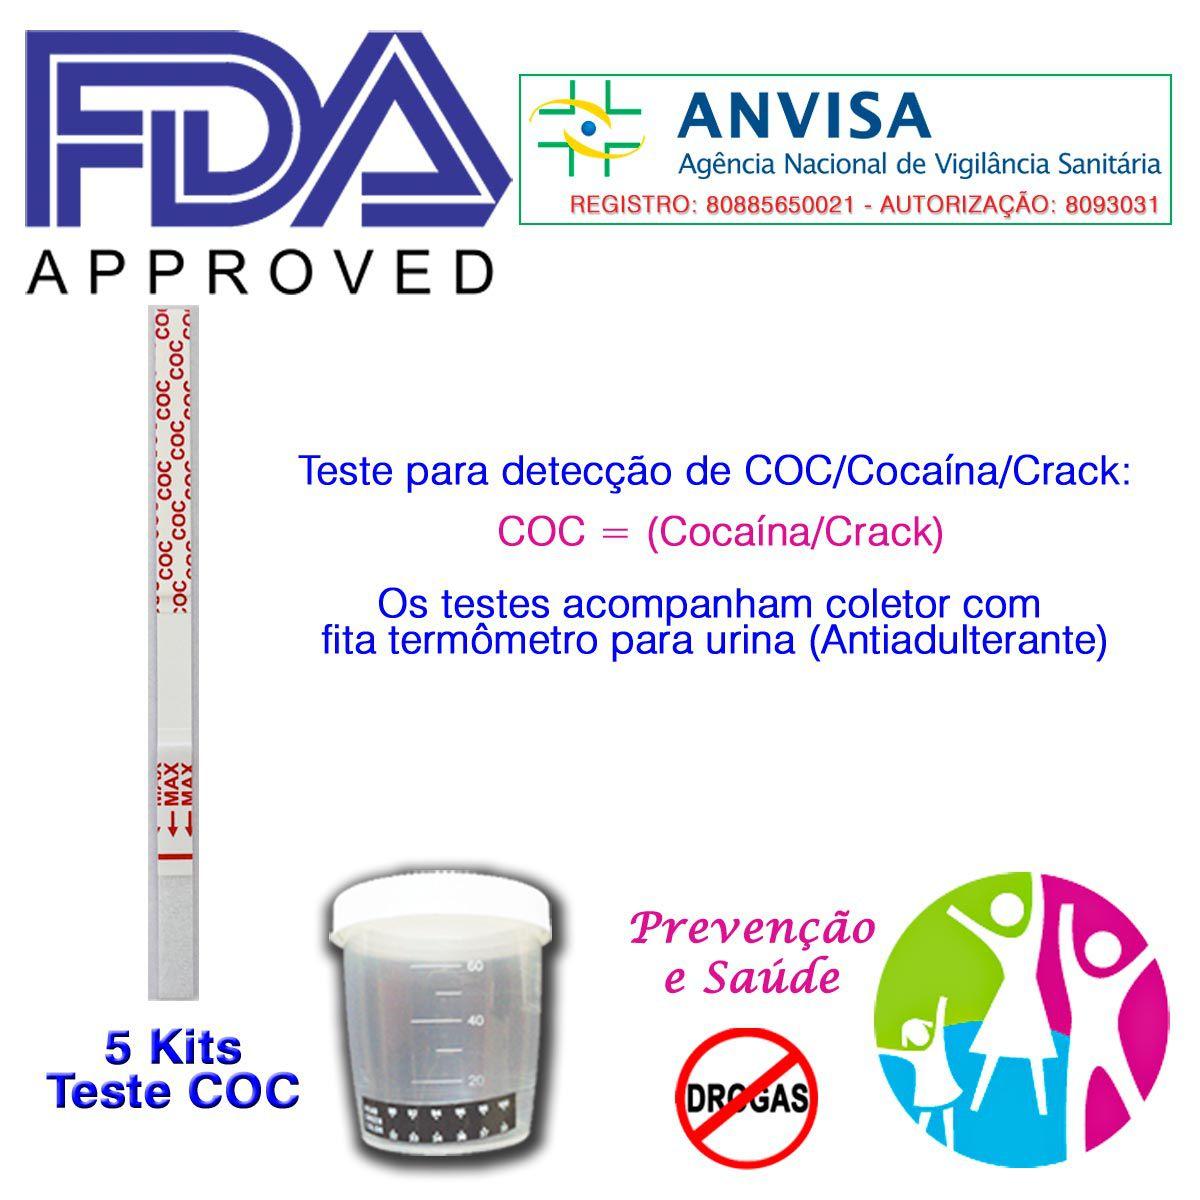 05 Kits para teste de COC-CRACK com coletor de urina  - Prevenção e Saúde